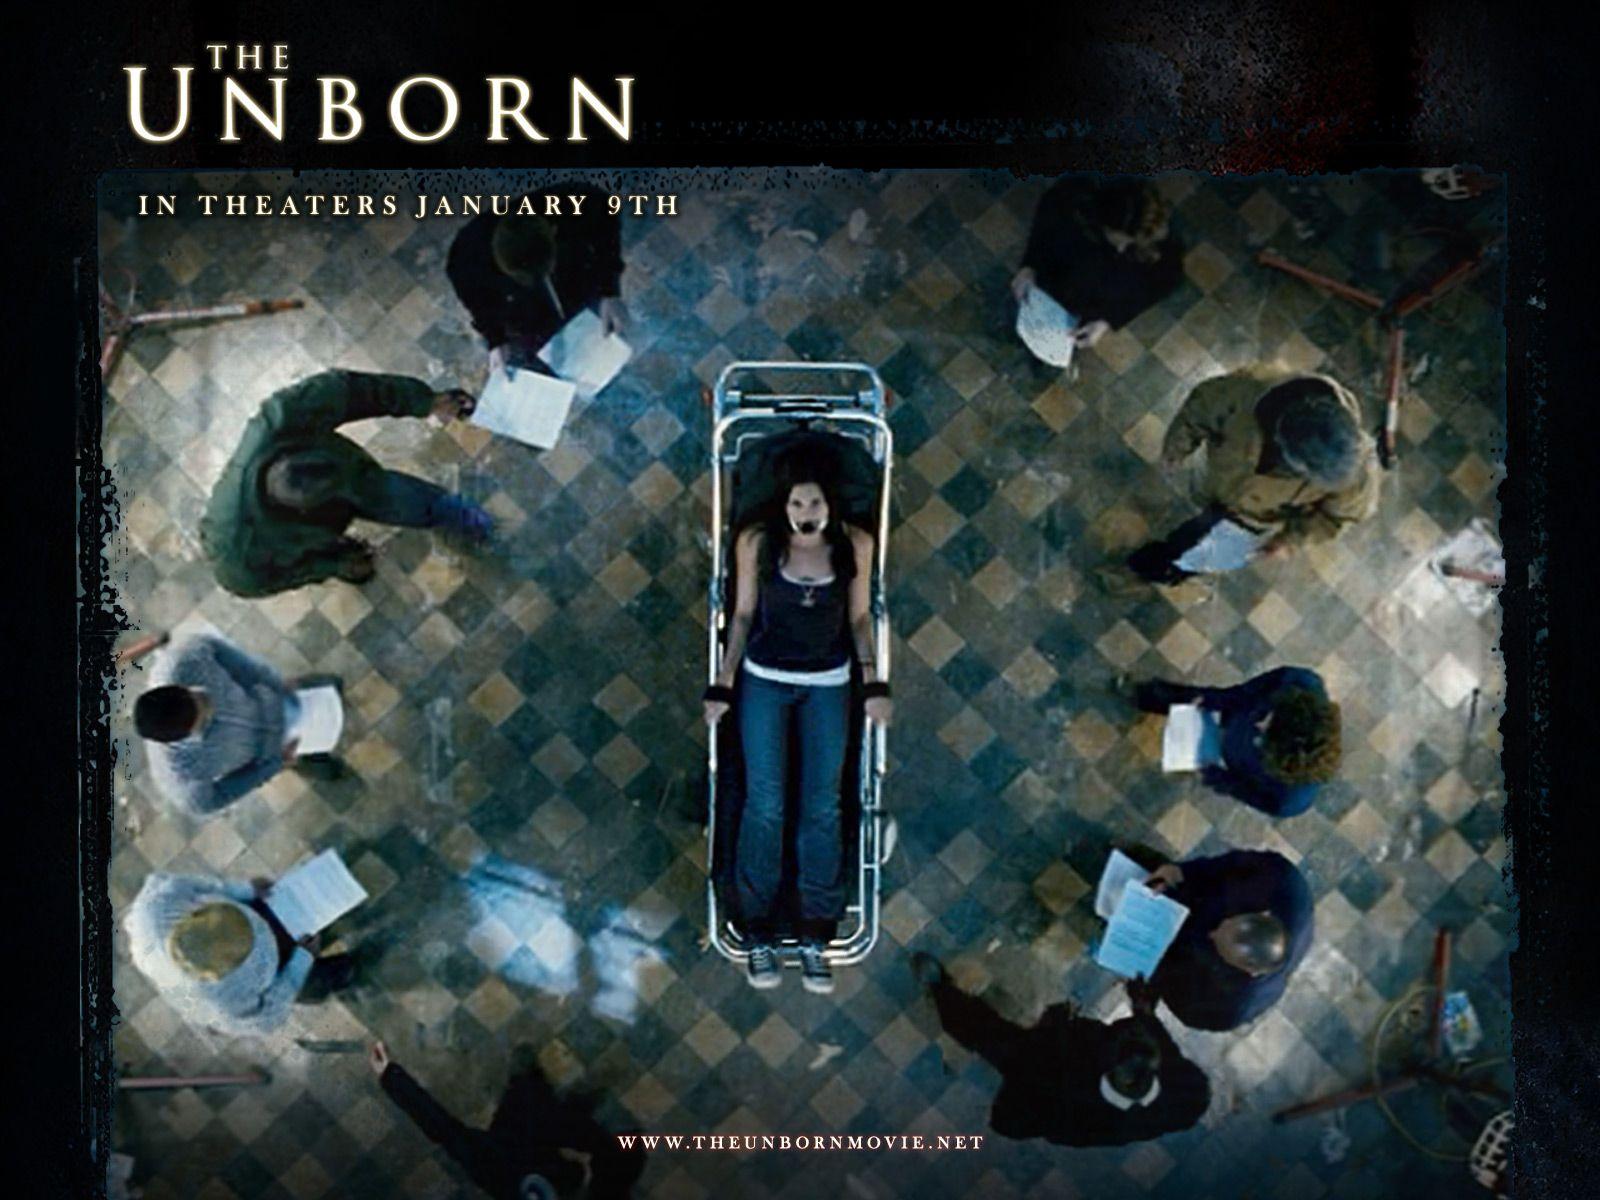 The unborn movie watch